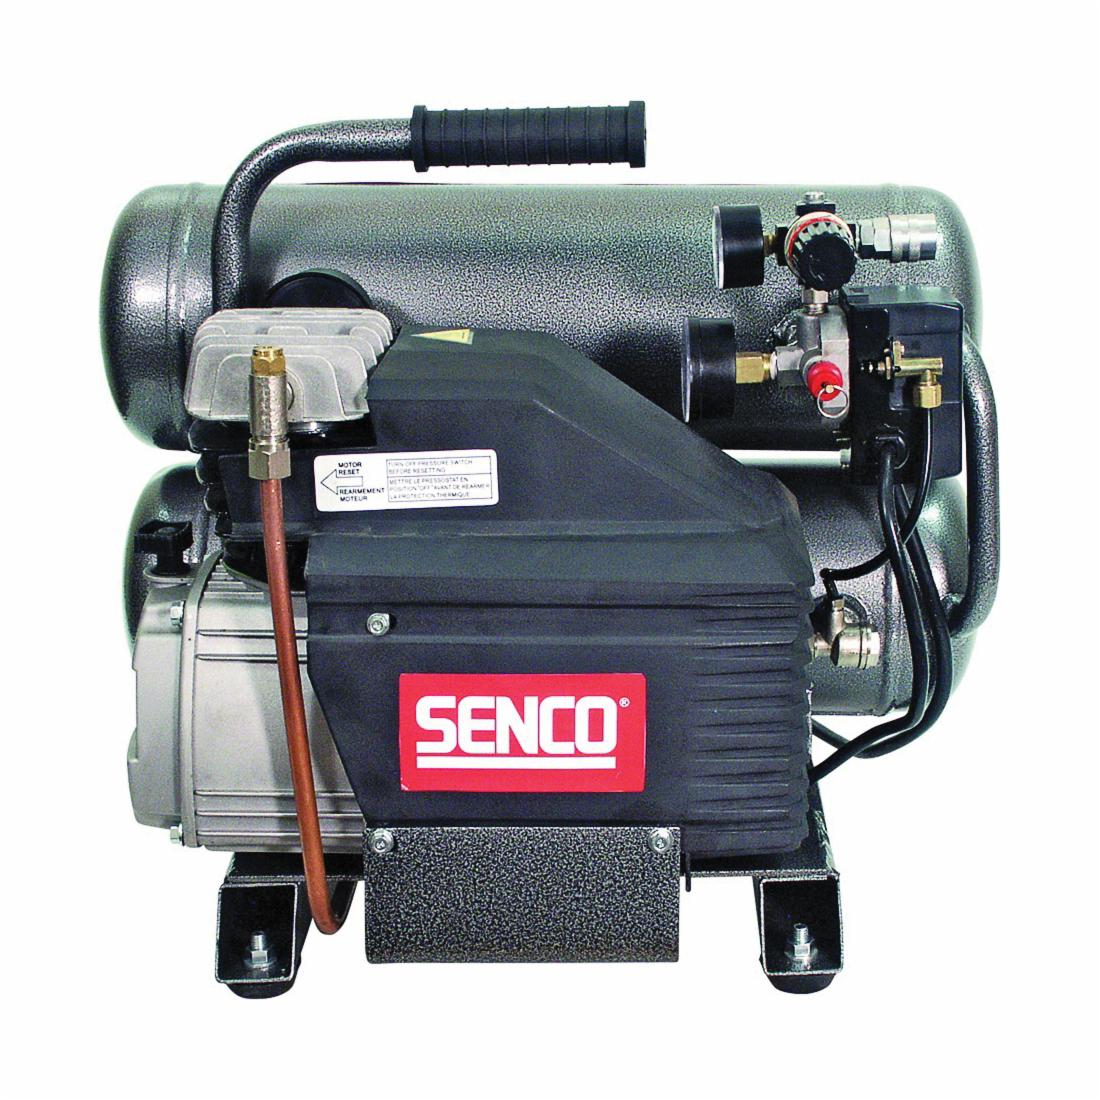 SENCO PC1131